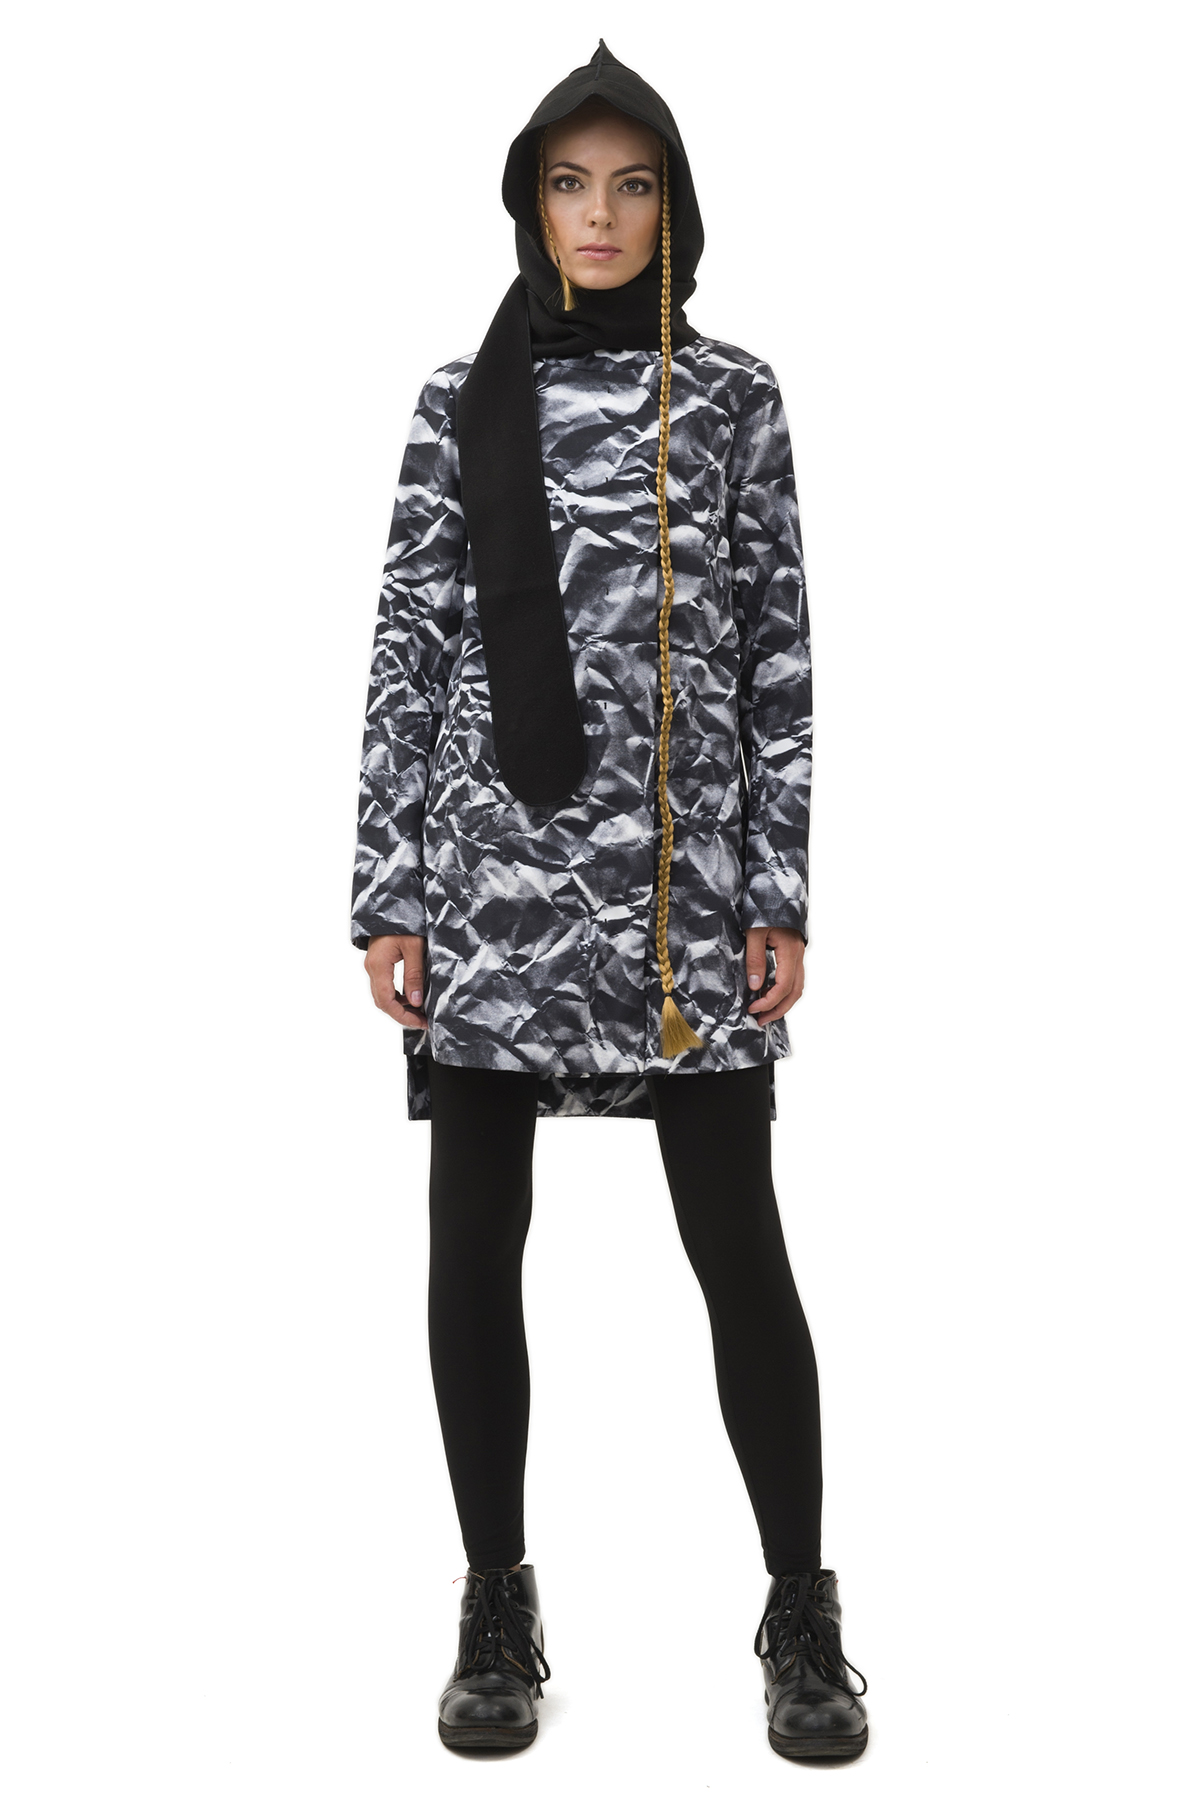 ПлащЖенские куртки, плащи, пальто<br>Женский плащ бренда Pavel Yerokin выполнен из принтованной курточной ткани. Особенности: прямой крой, асимметричный низ, высокая стойка воротника, два кармана сбоку. Принт с эффектом мятой бумаги.<br><br>Цвет: серый<br>Состав: Полиэстер - 100%  Подкладка: Вискоза - 50%, Полиэстер - 50%<br>Размер: 40,42,44,46,48,50<br>Страна дизайна: Россия<br>Страна производства: Россия